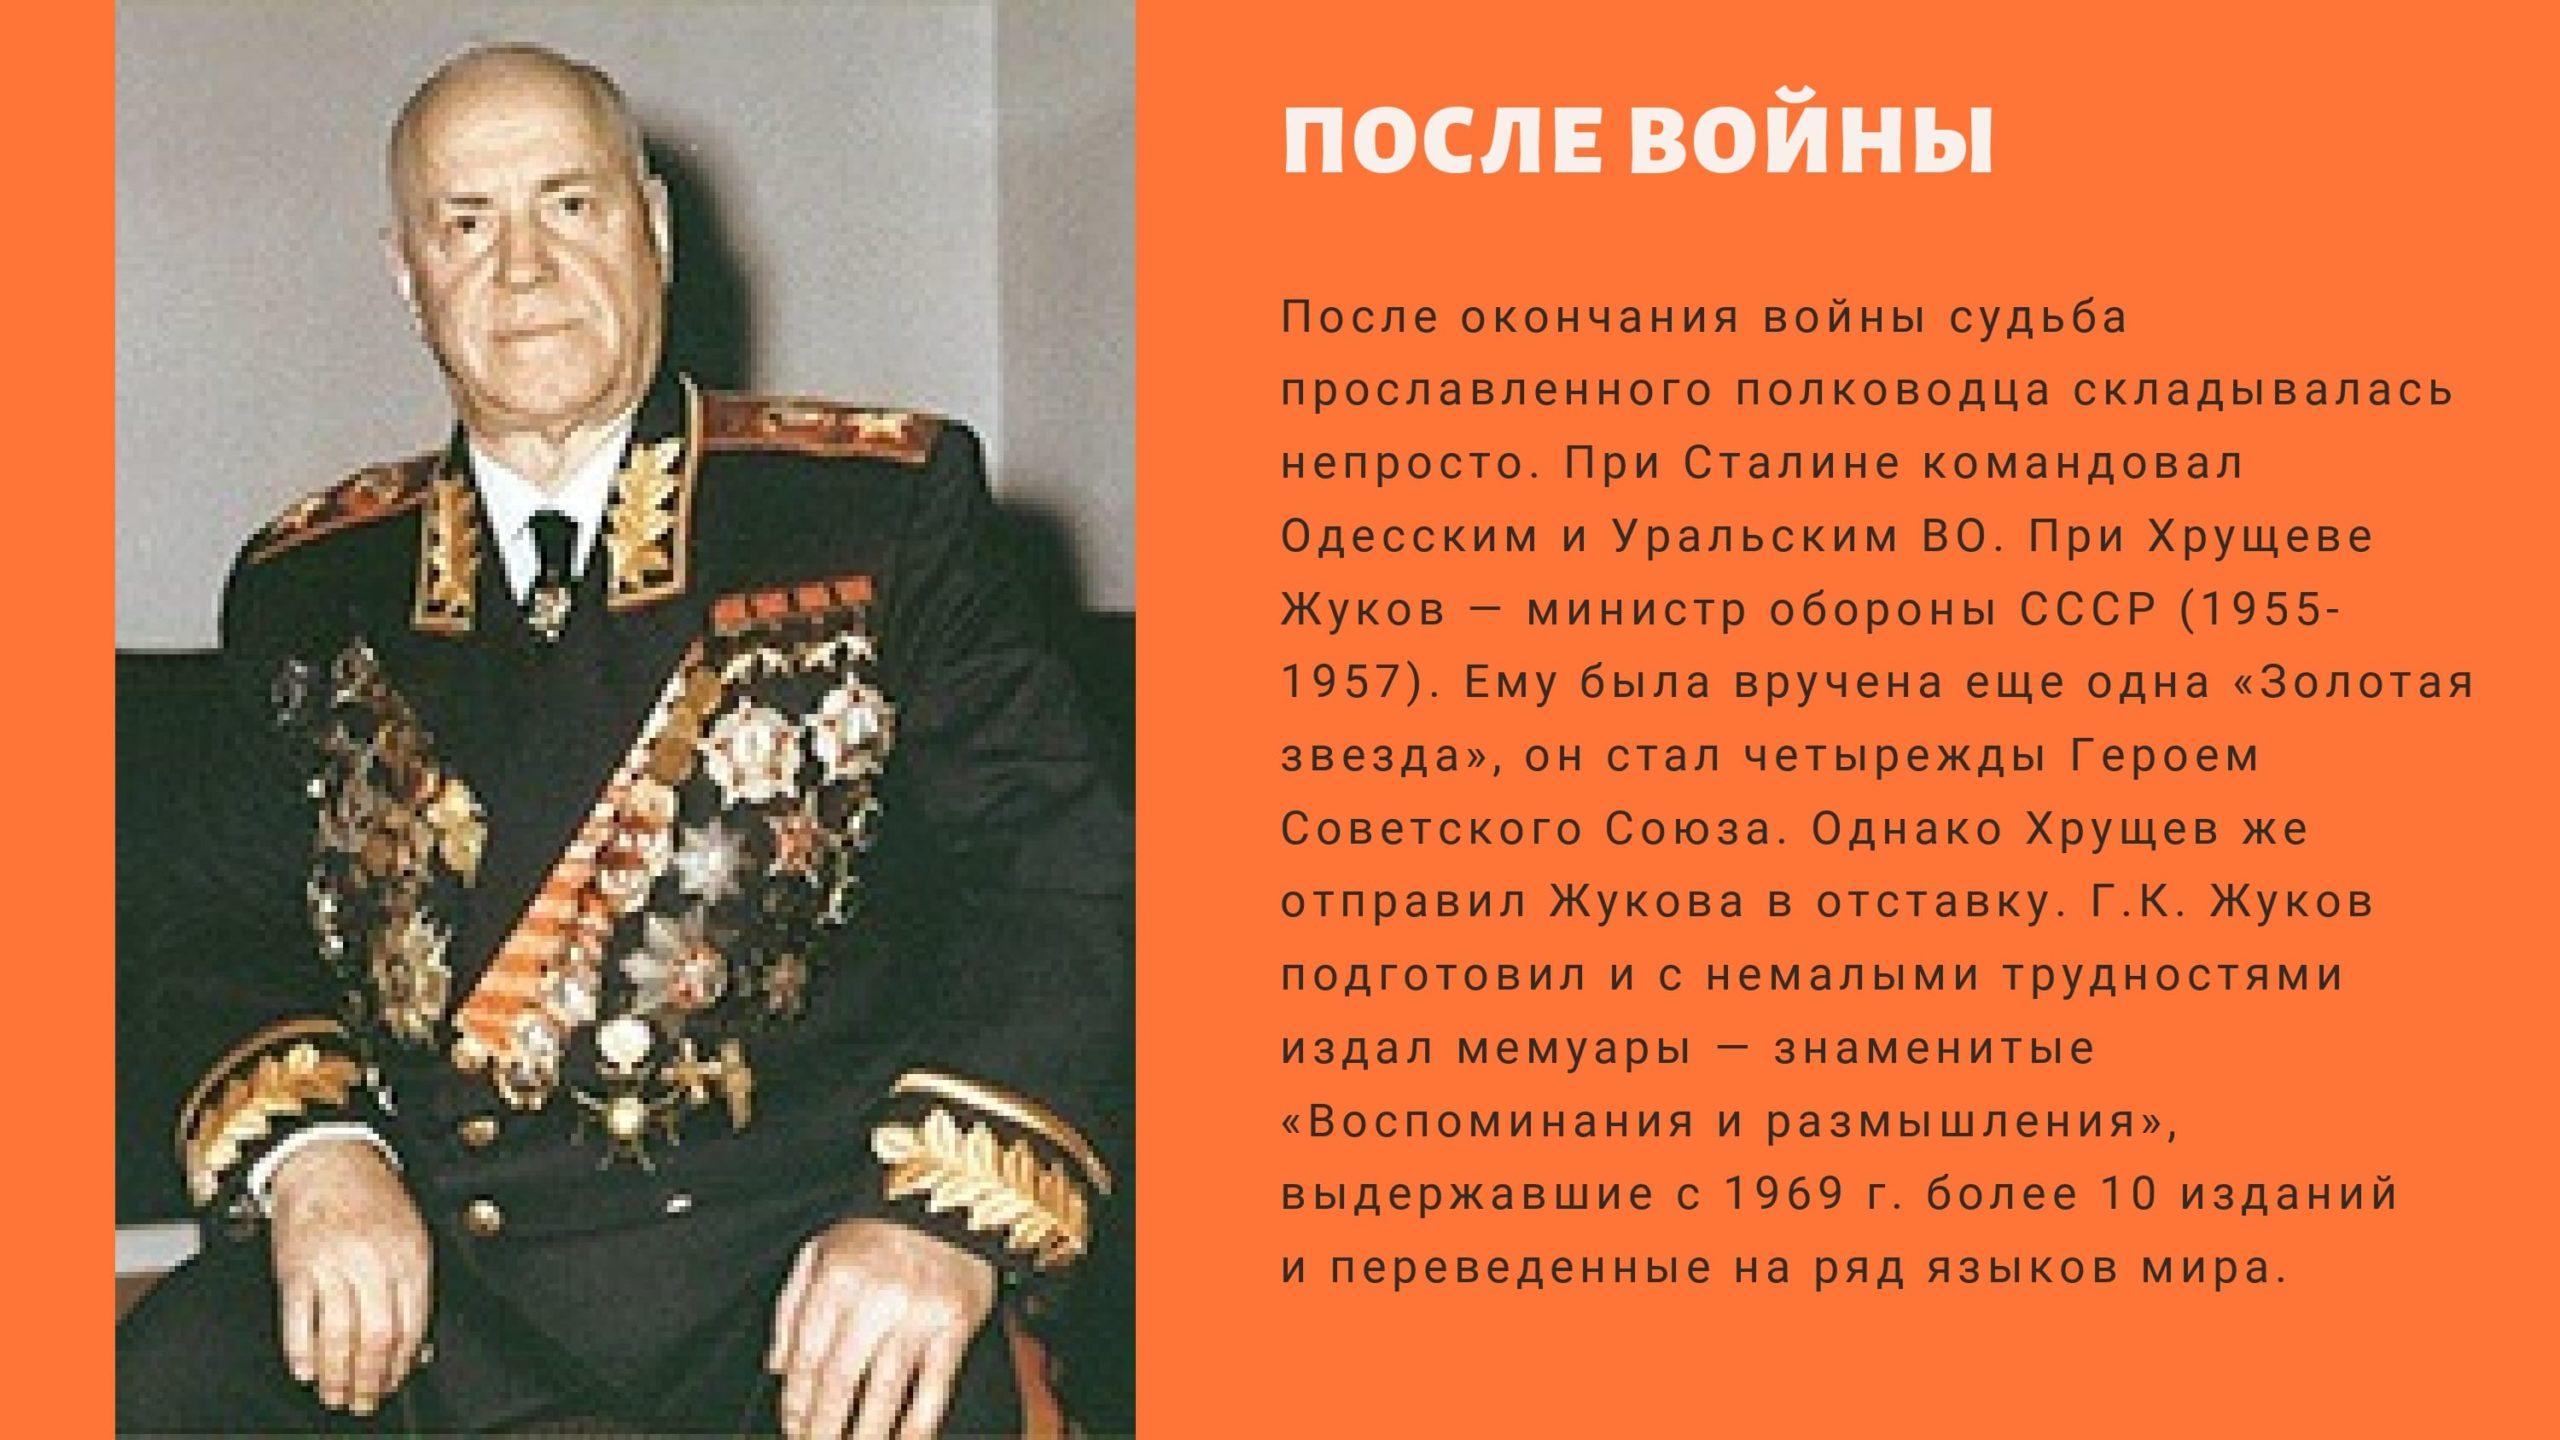 После войны. Георгий Константинович Жуков